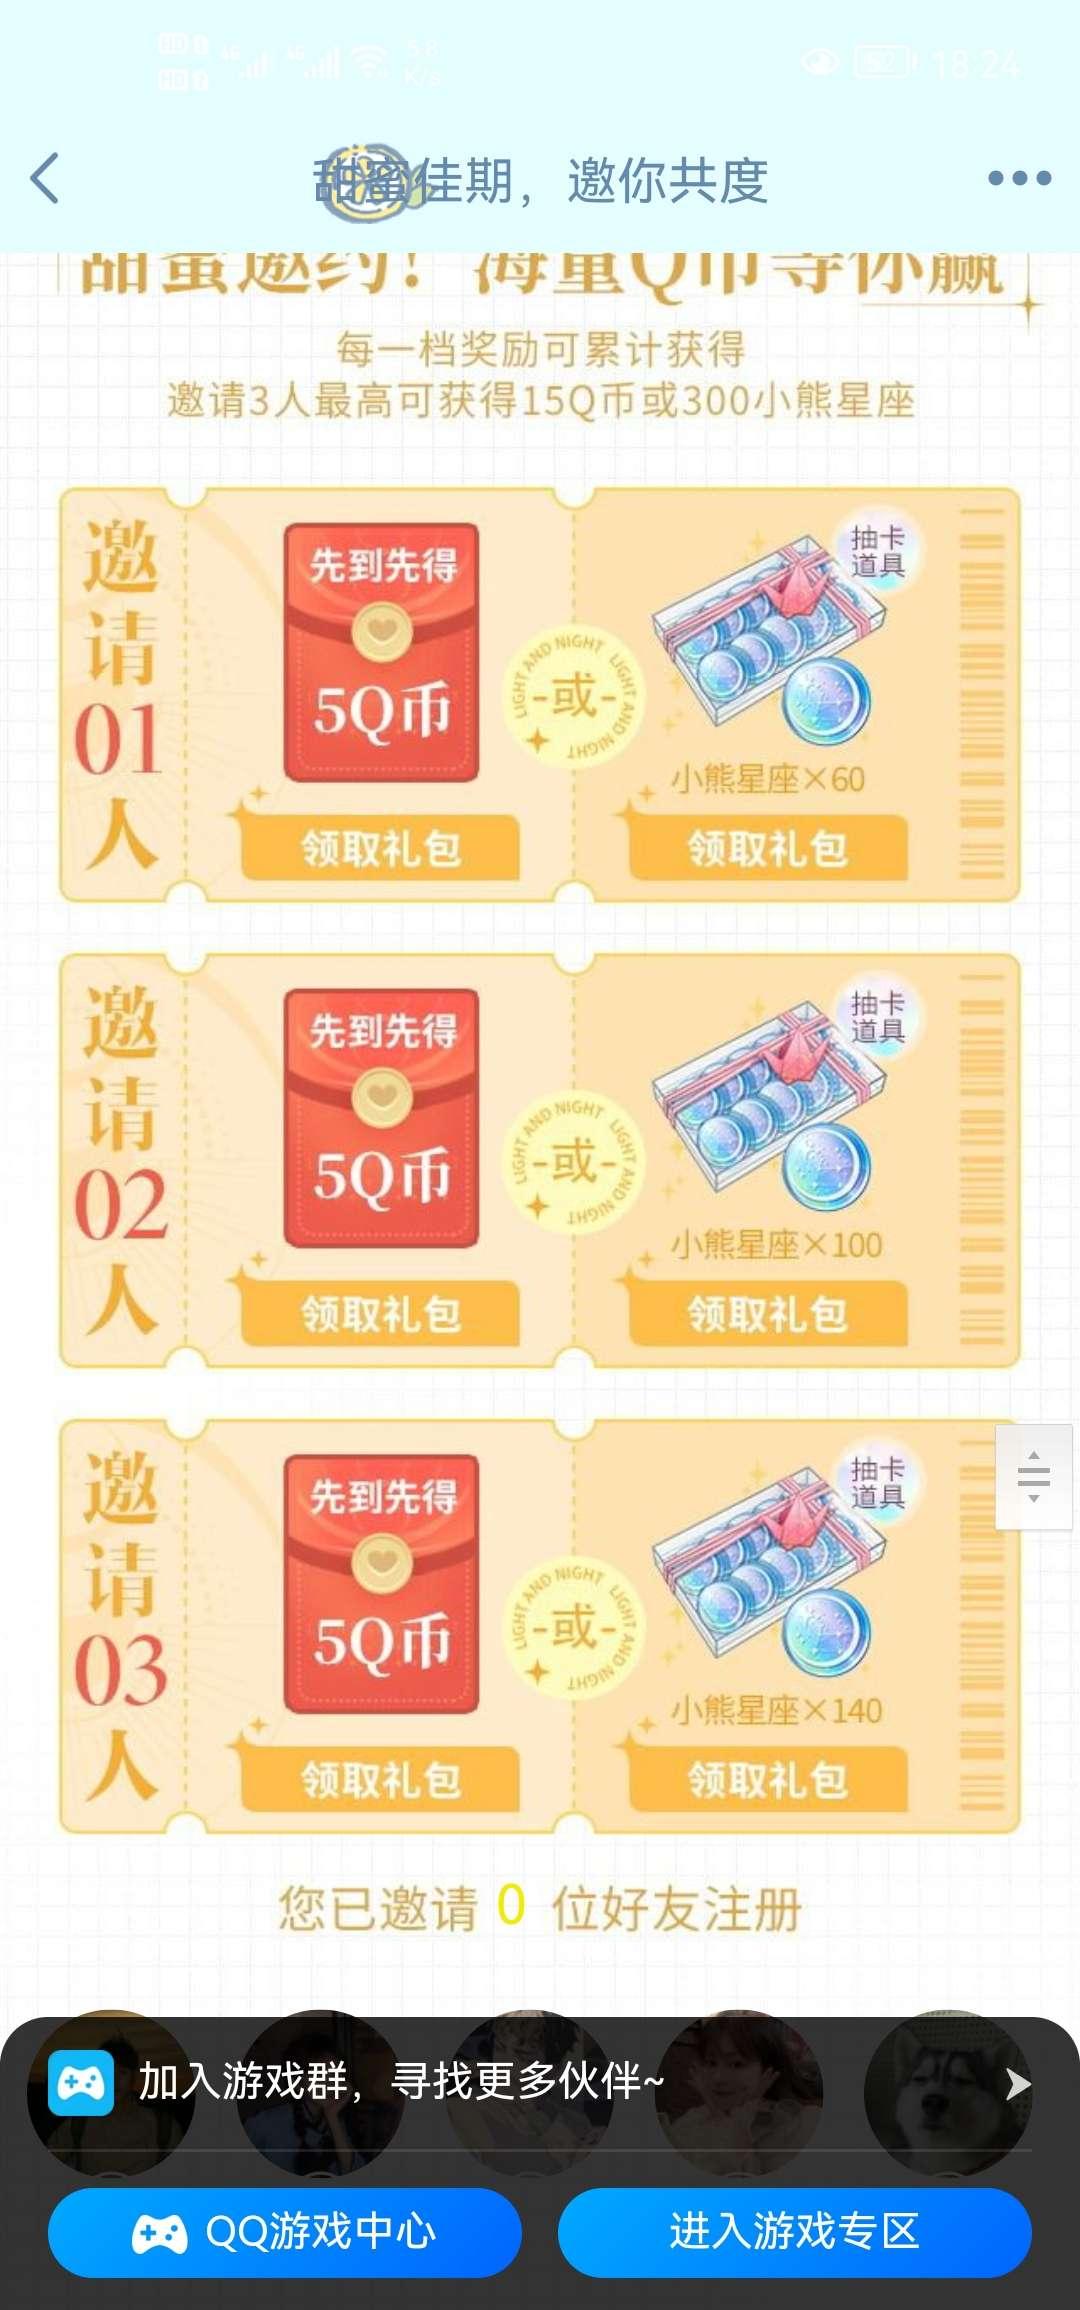 光与夜之恋登记领取25Q币【虚拟物品】插图1